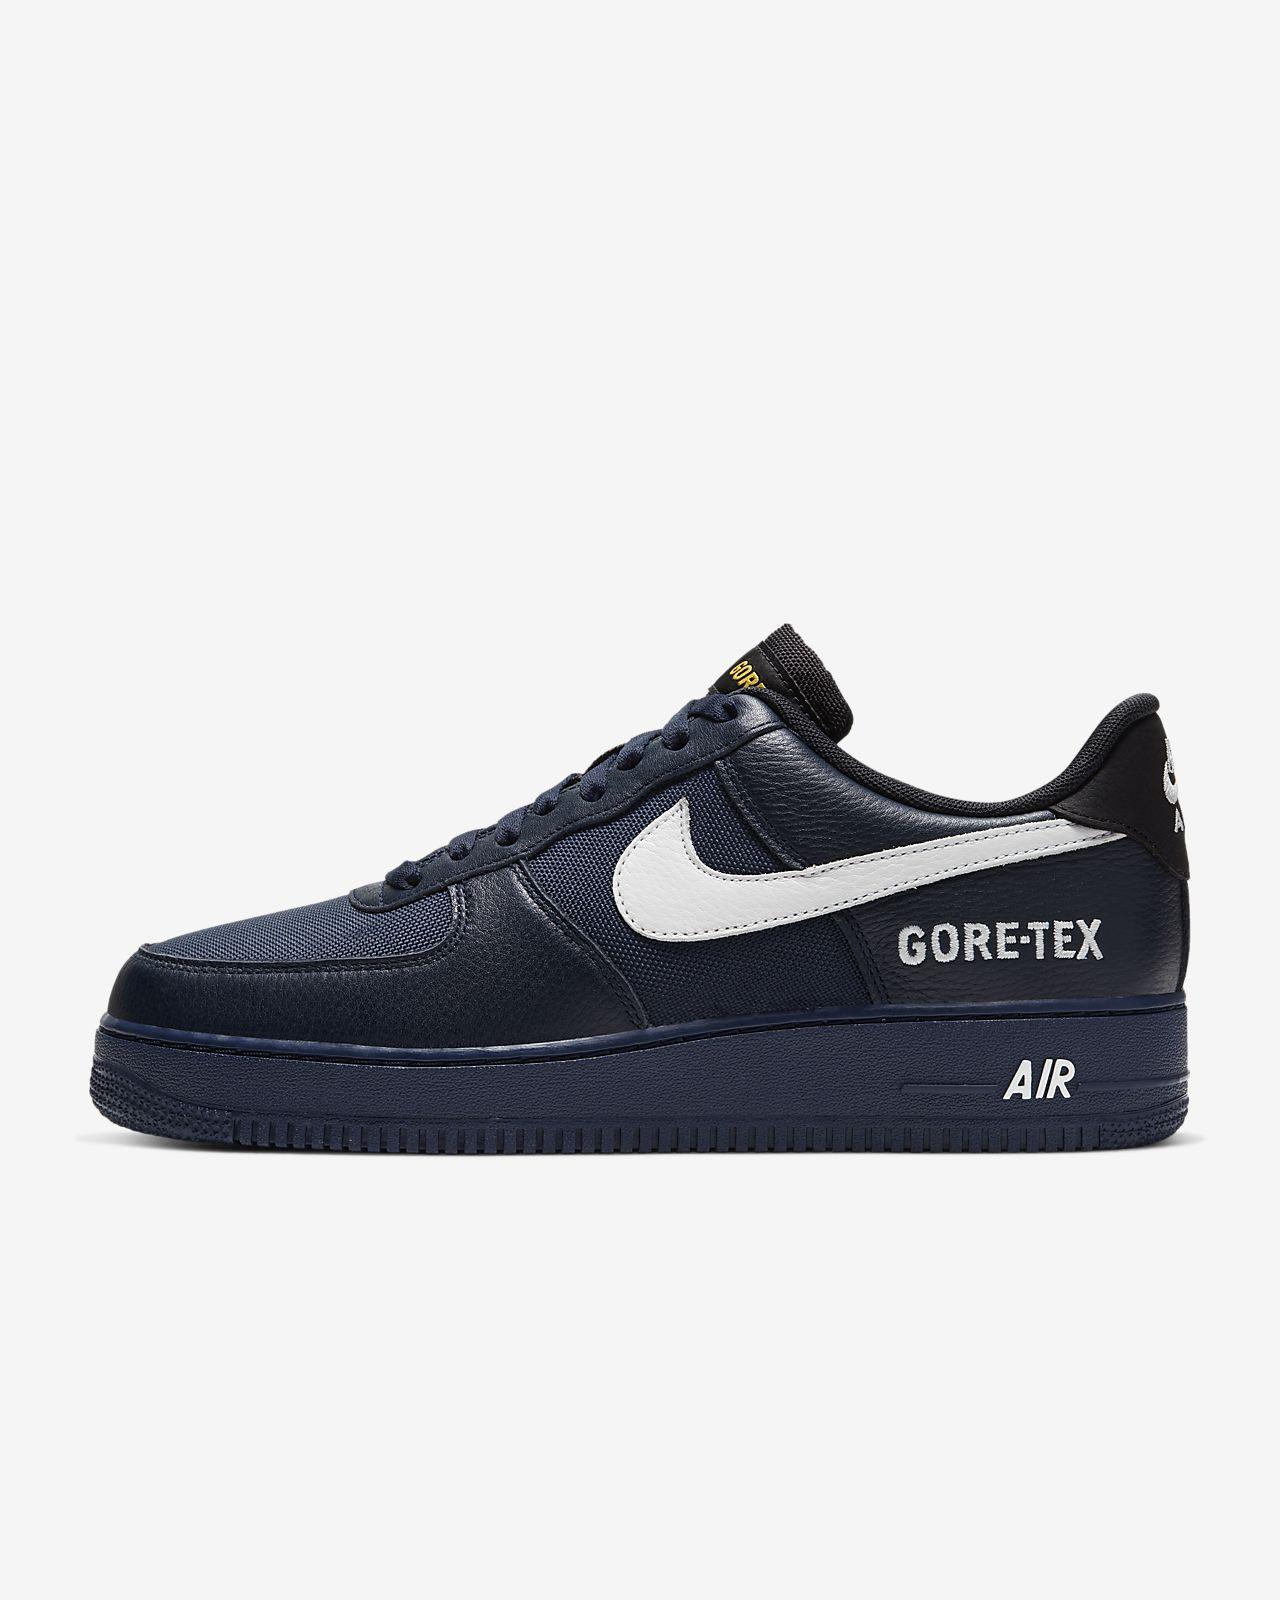 Calzado Nike Air Force 1 GORE-TEX